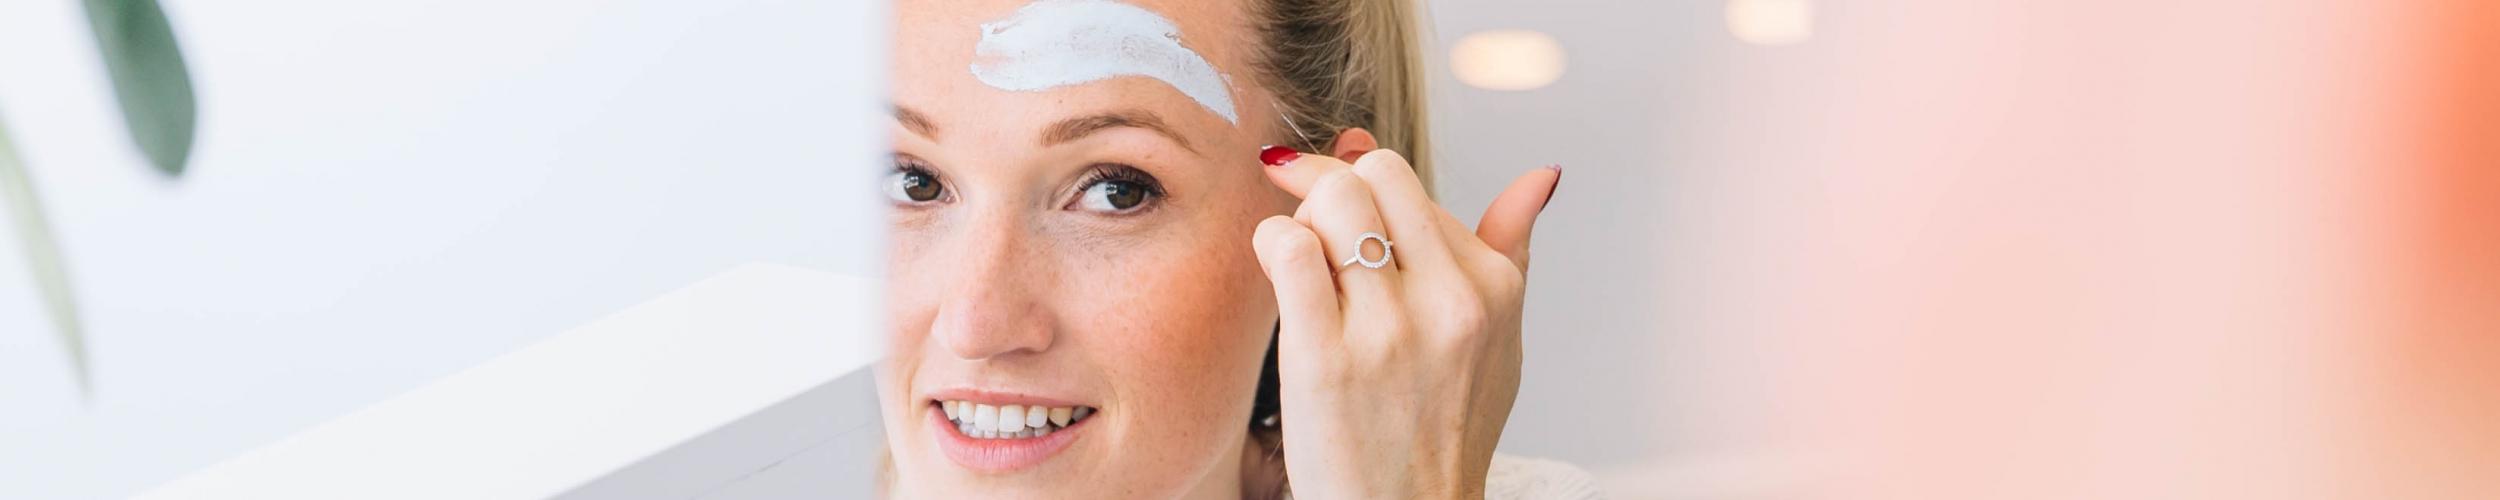 Treatments voor acne of pigmentatiestoornissen